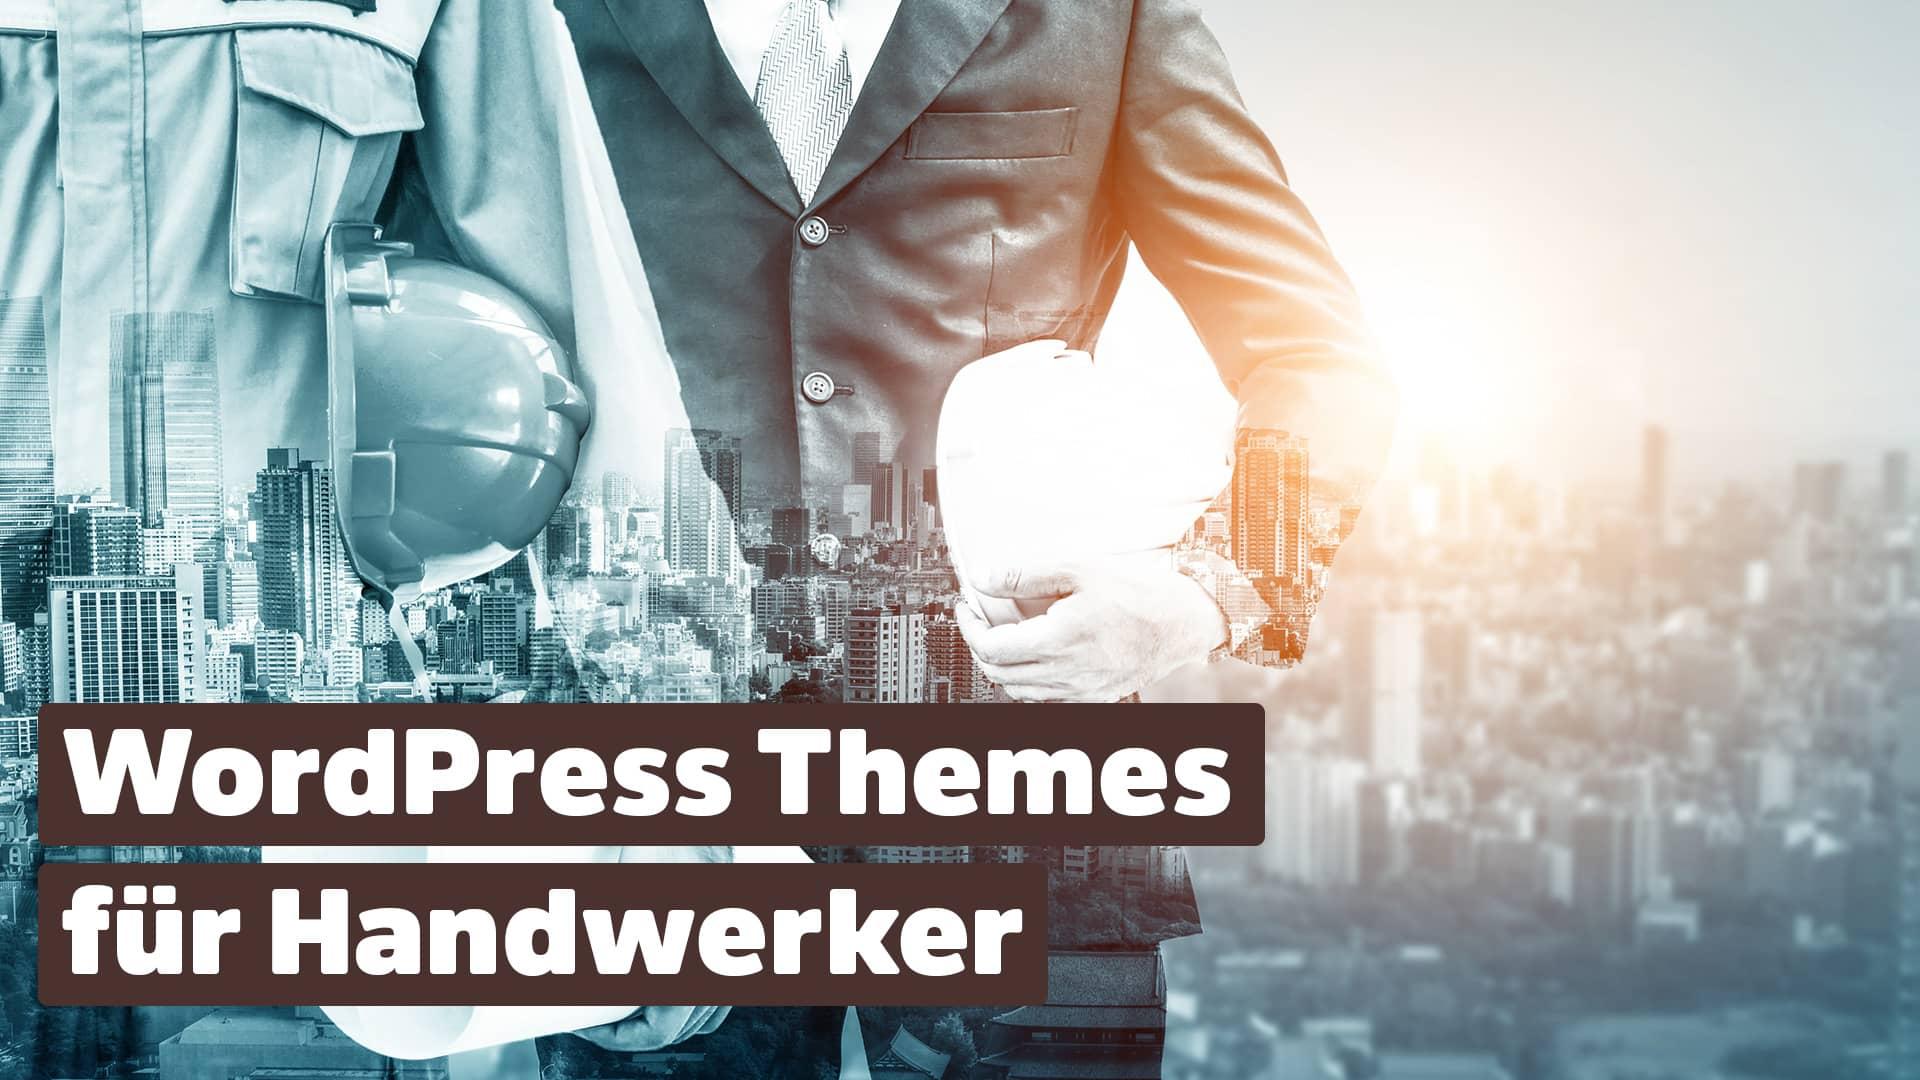 WordPress Themes Handwerker